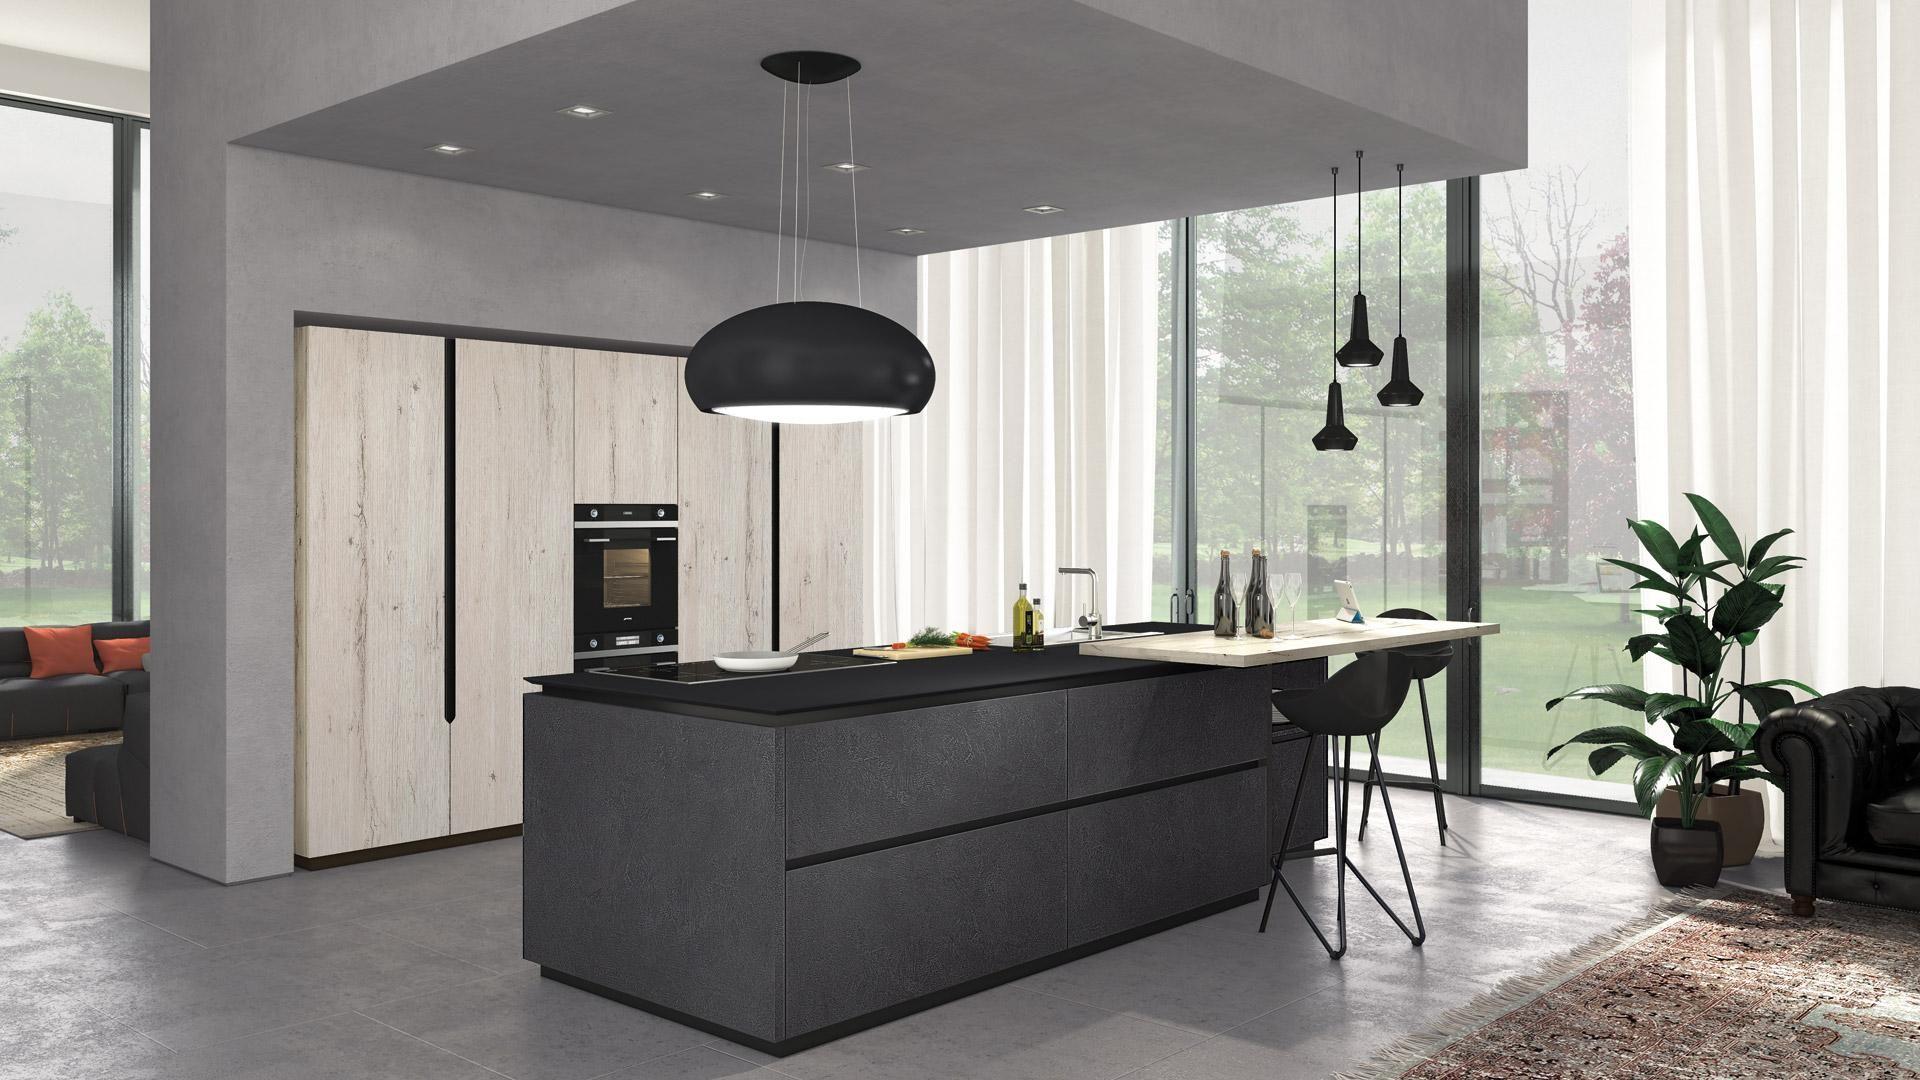 Oltre - Cucine Moderne - Cucine Lube | Idee per la casa ...